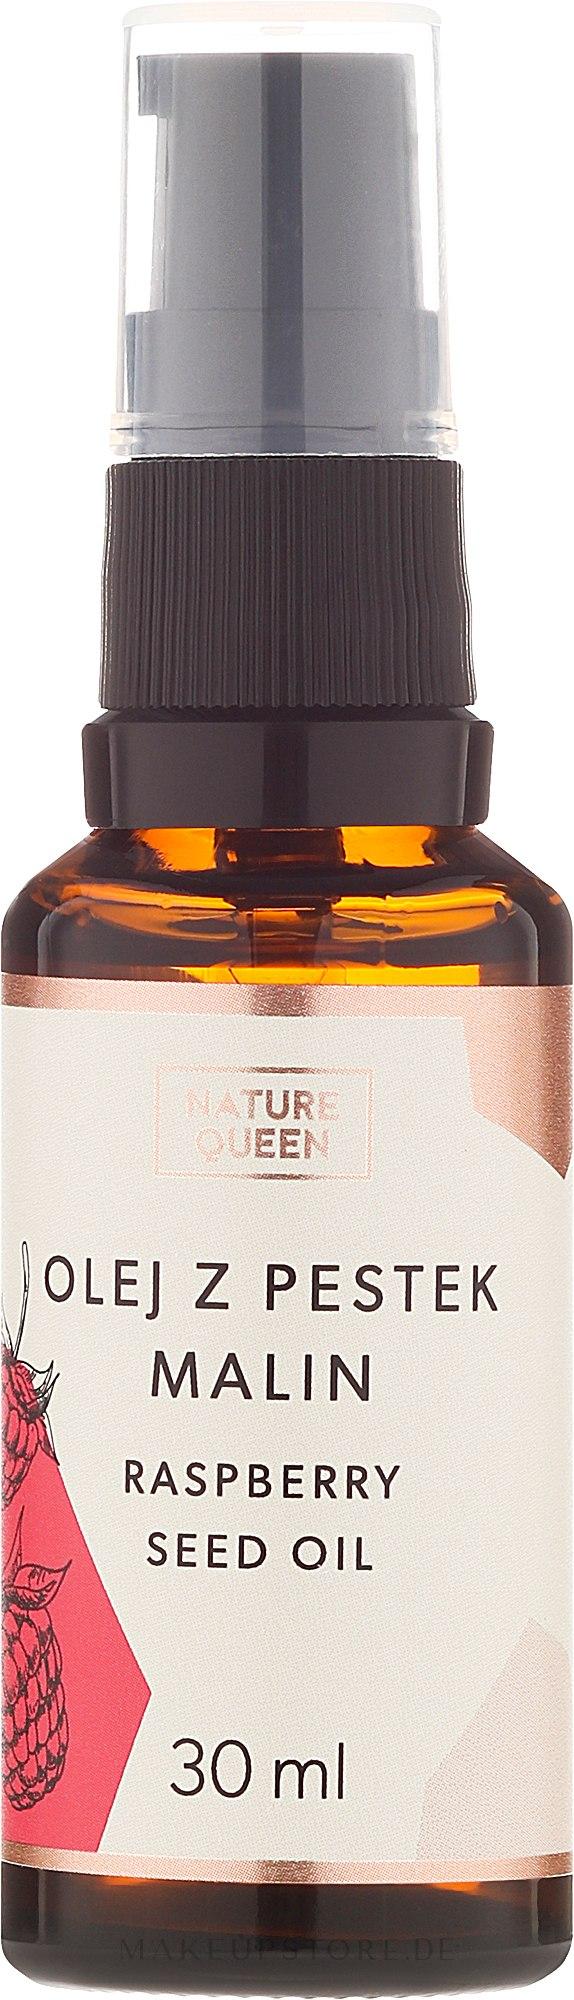 Himbeersamenöl - Nature Queen Raspberry Seed Oil — Bild 30 ml